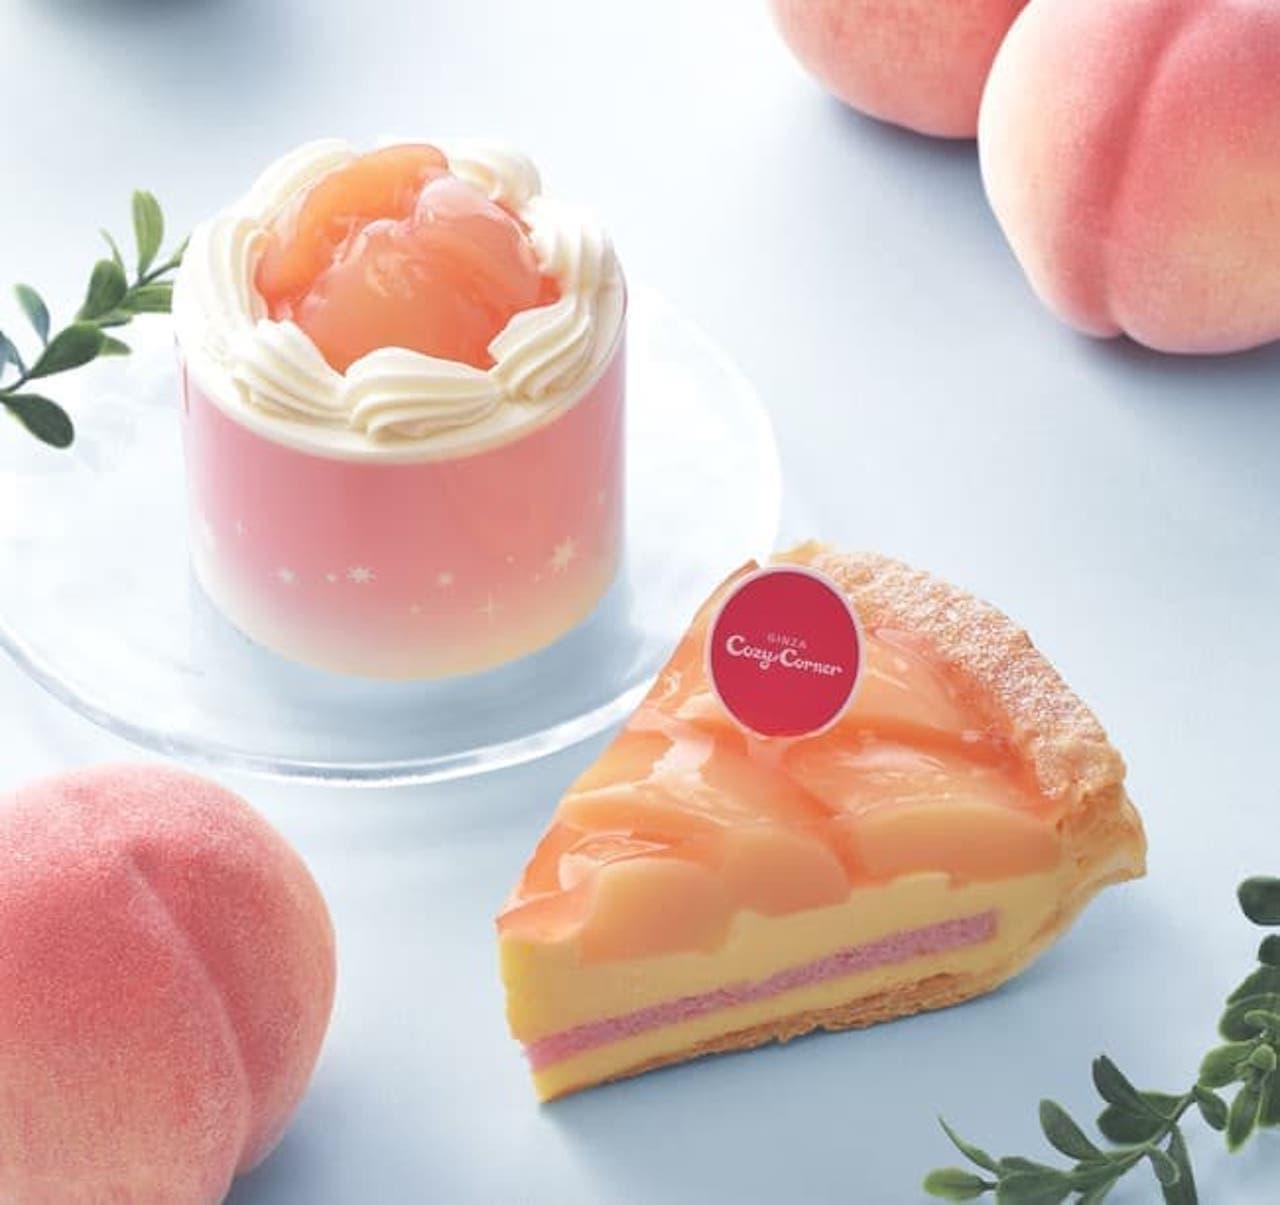 銀座コージーコーナー「夏の果実を楽しむ♪ 第2弾 白桃」